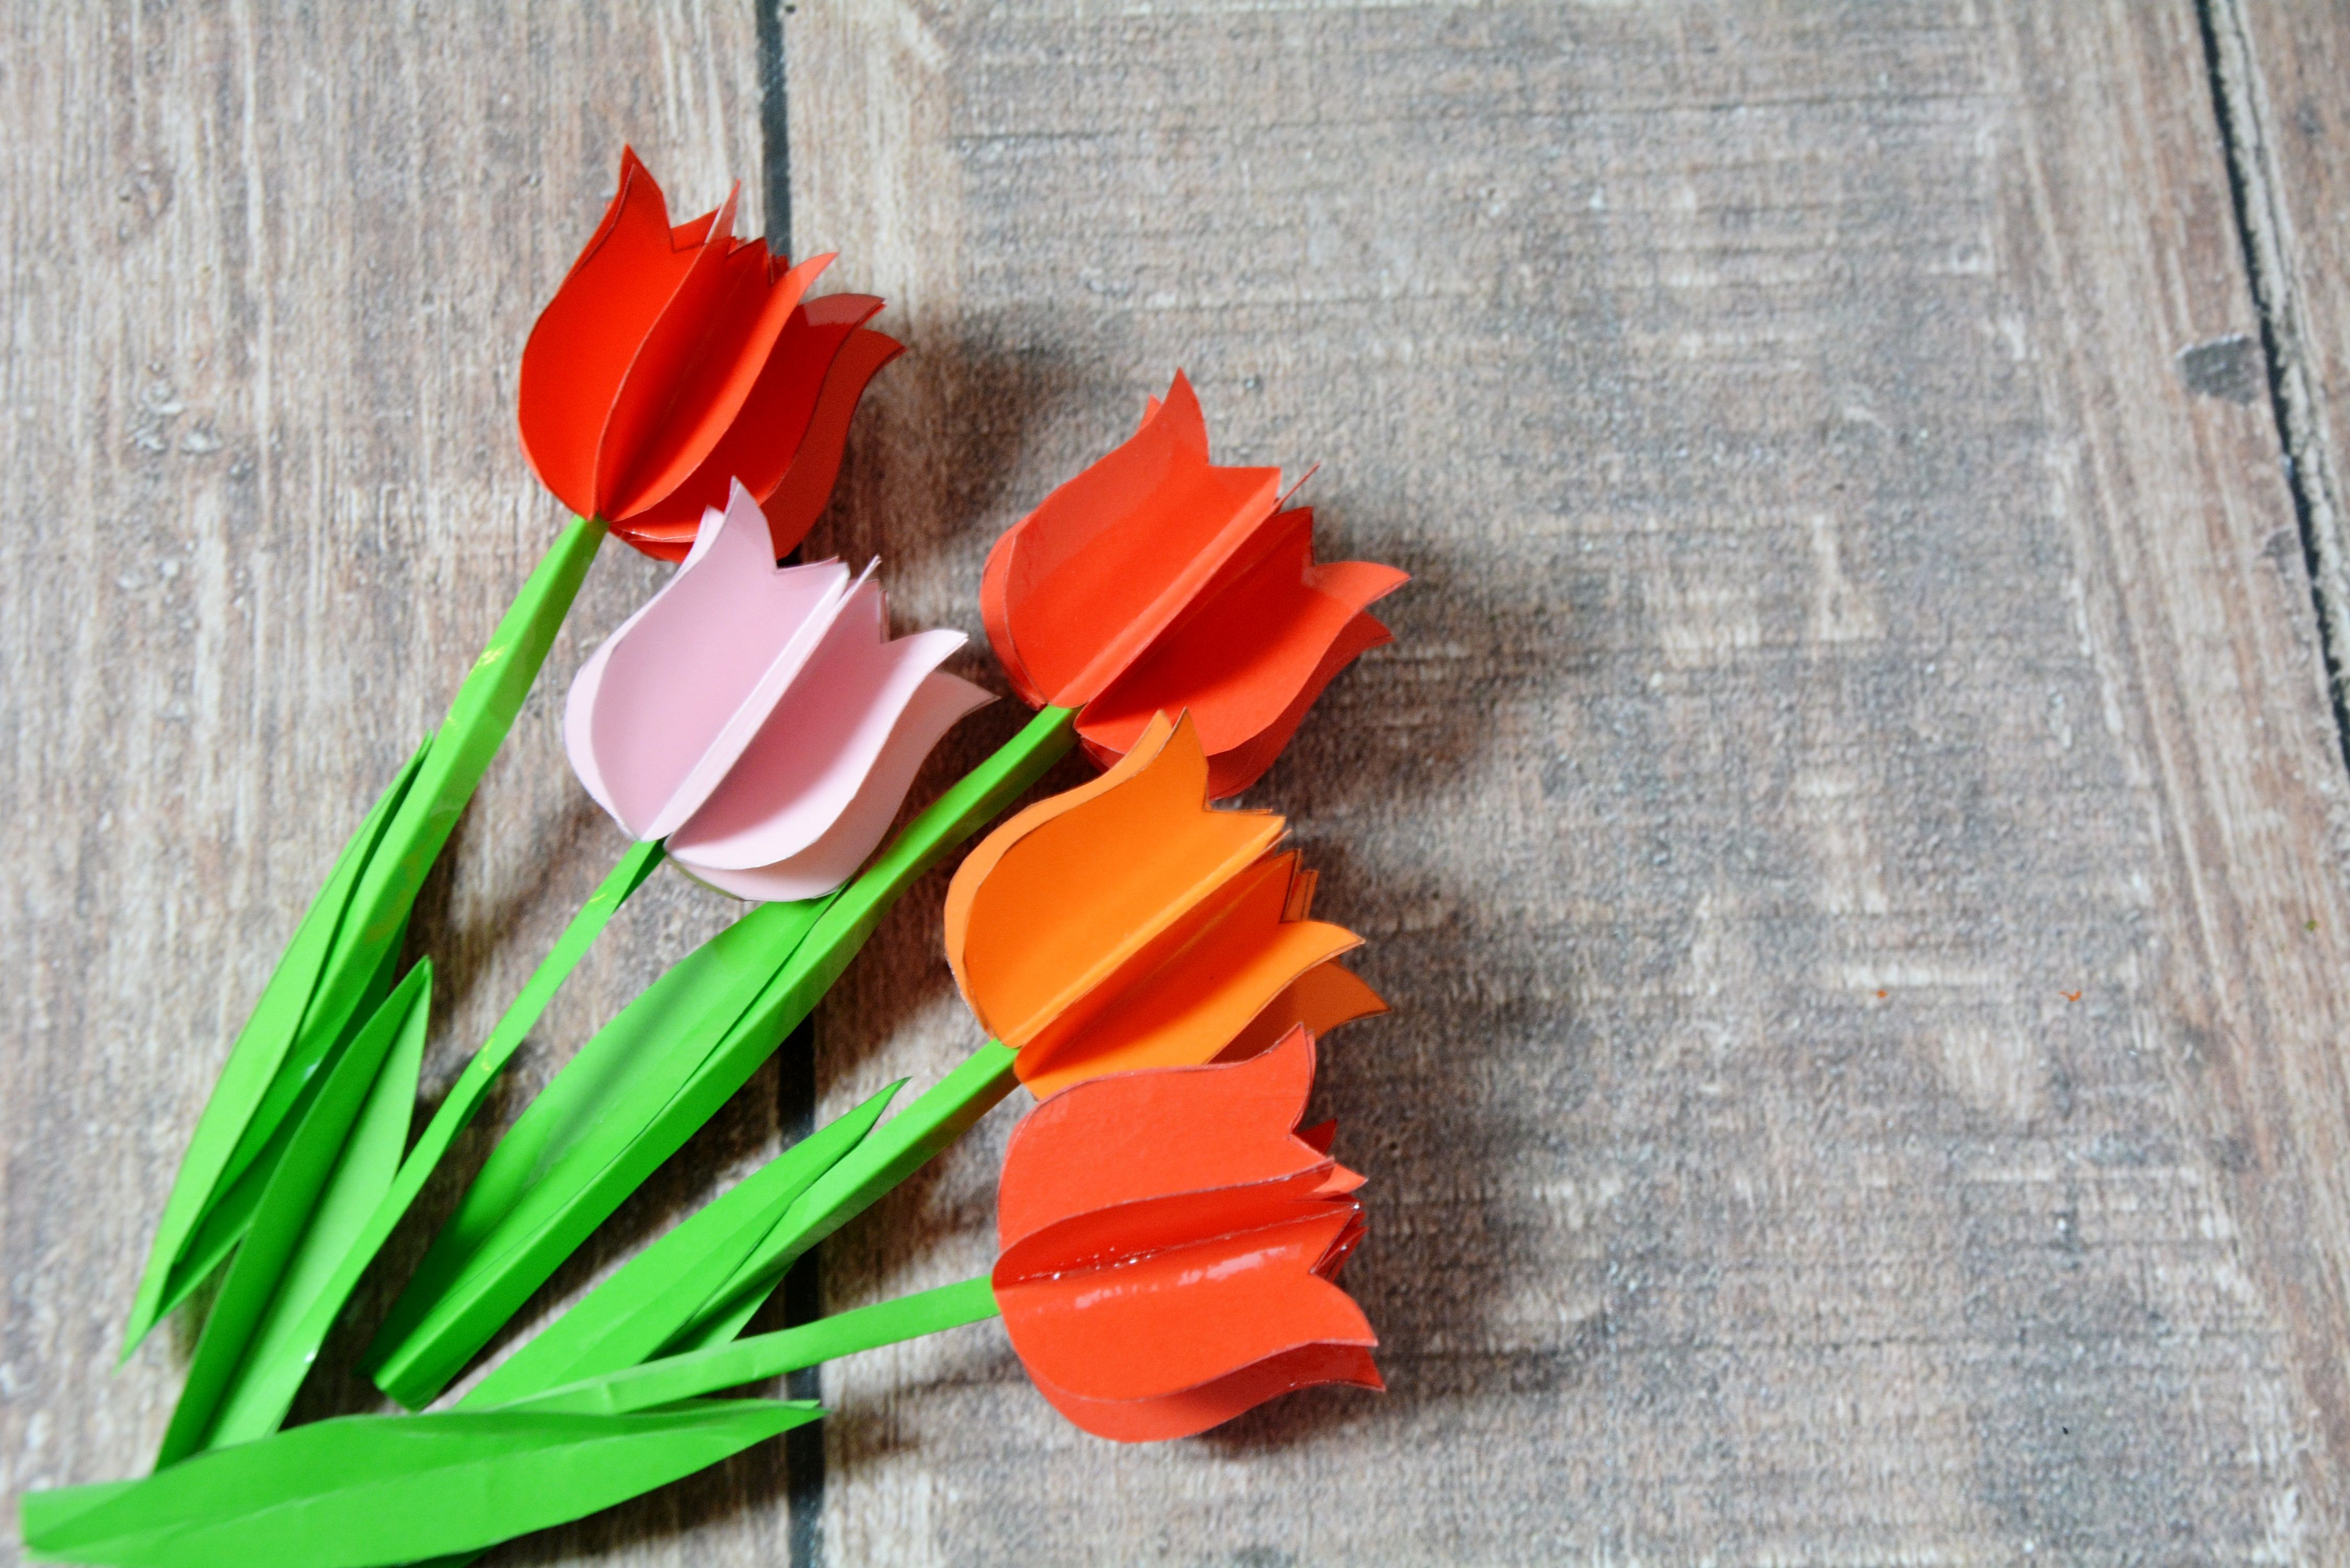 25 Pomyslow Na Kwiatowe Diy Wykonaj Kwiaty Z Papieru Bibuly Balonow A Nawet Na Slodko Mama W Domu Vegetables Easter Carrots